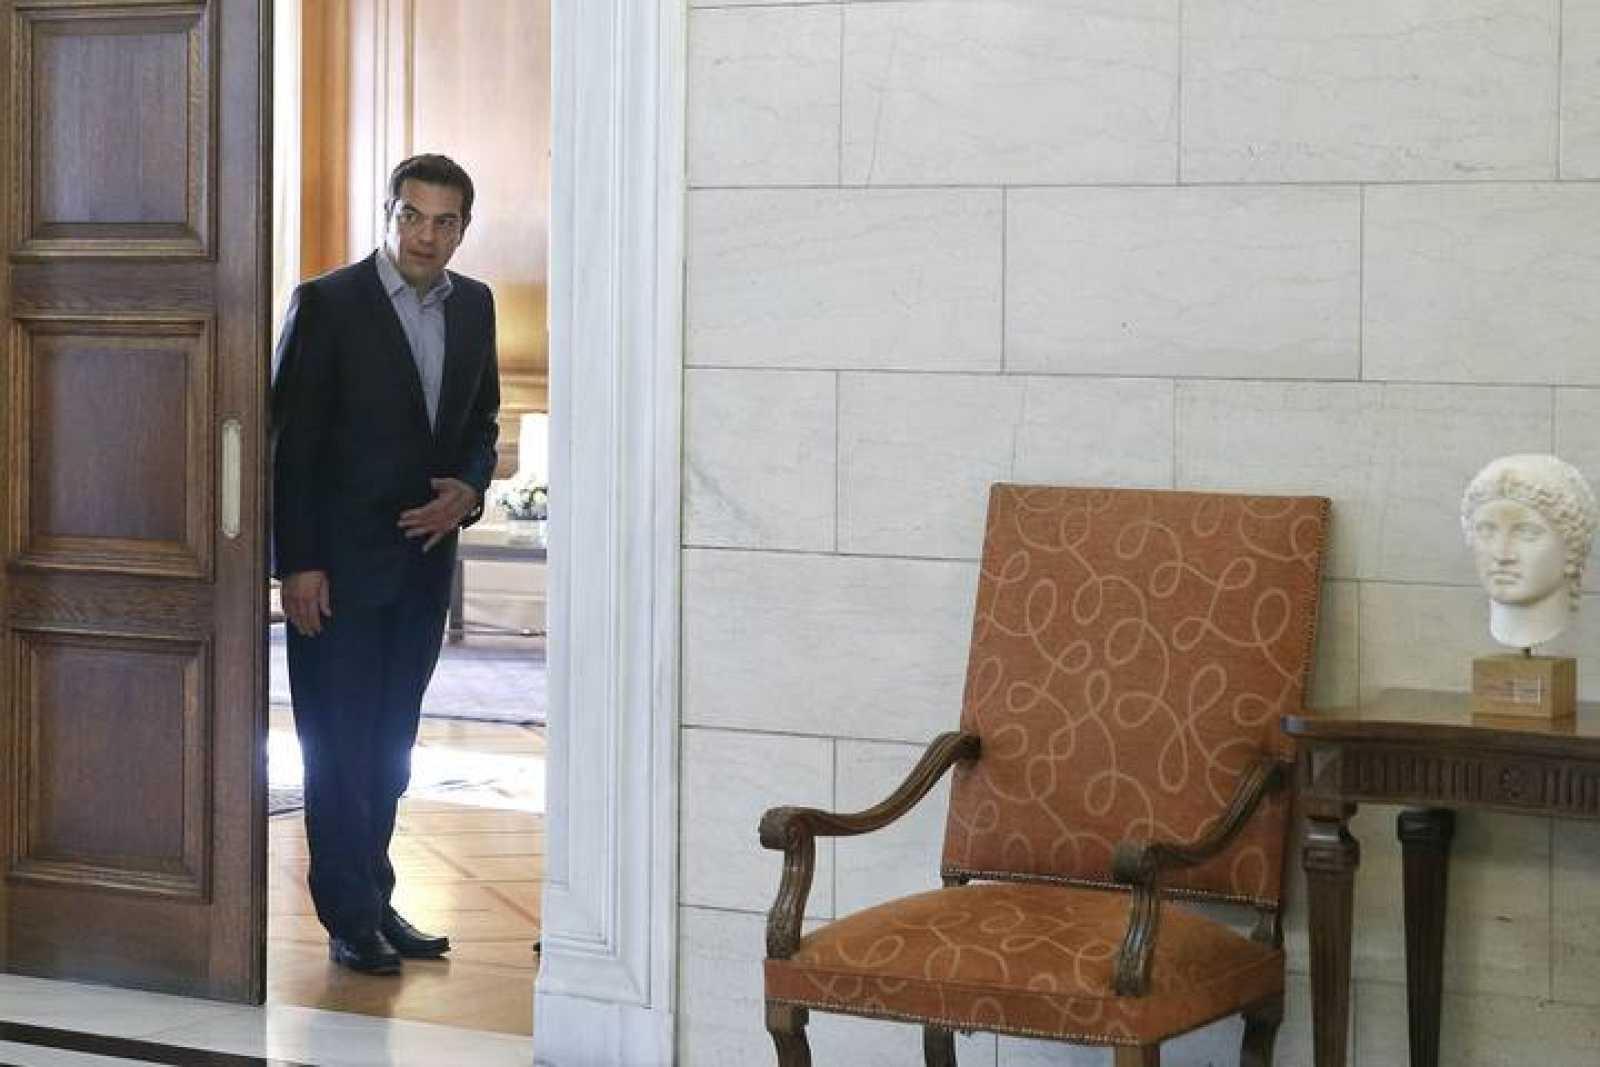 El primer ministro griego, Alexis Tsipras, se asoma a la puerta de su oficina en Atenas